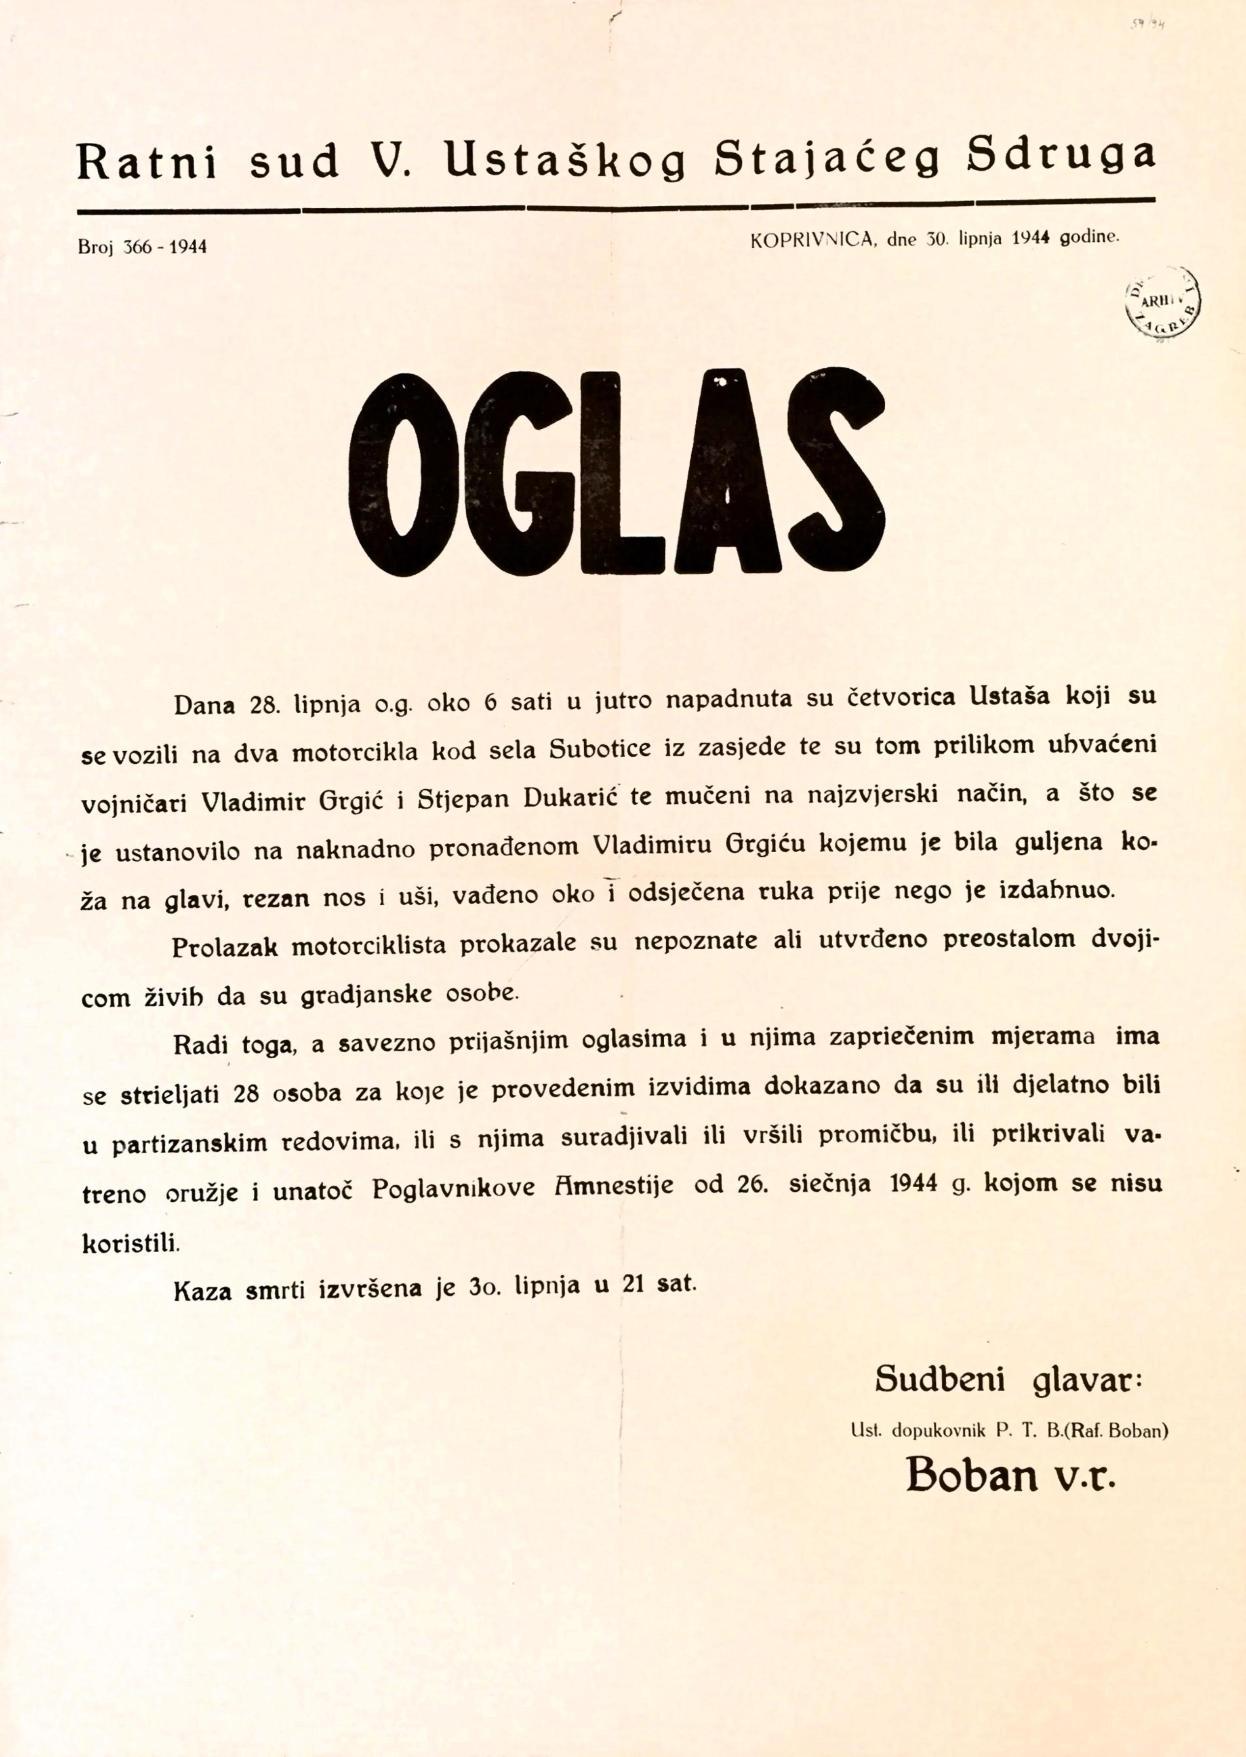 Oglas kojim se u Koprivnici najavljuje strijeljanje 28-ero ljudi iz odmazde (Izvor: HR-HDA-907- Zbirka stampata, 59/94)